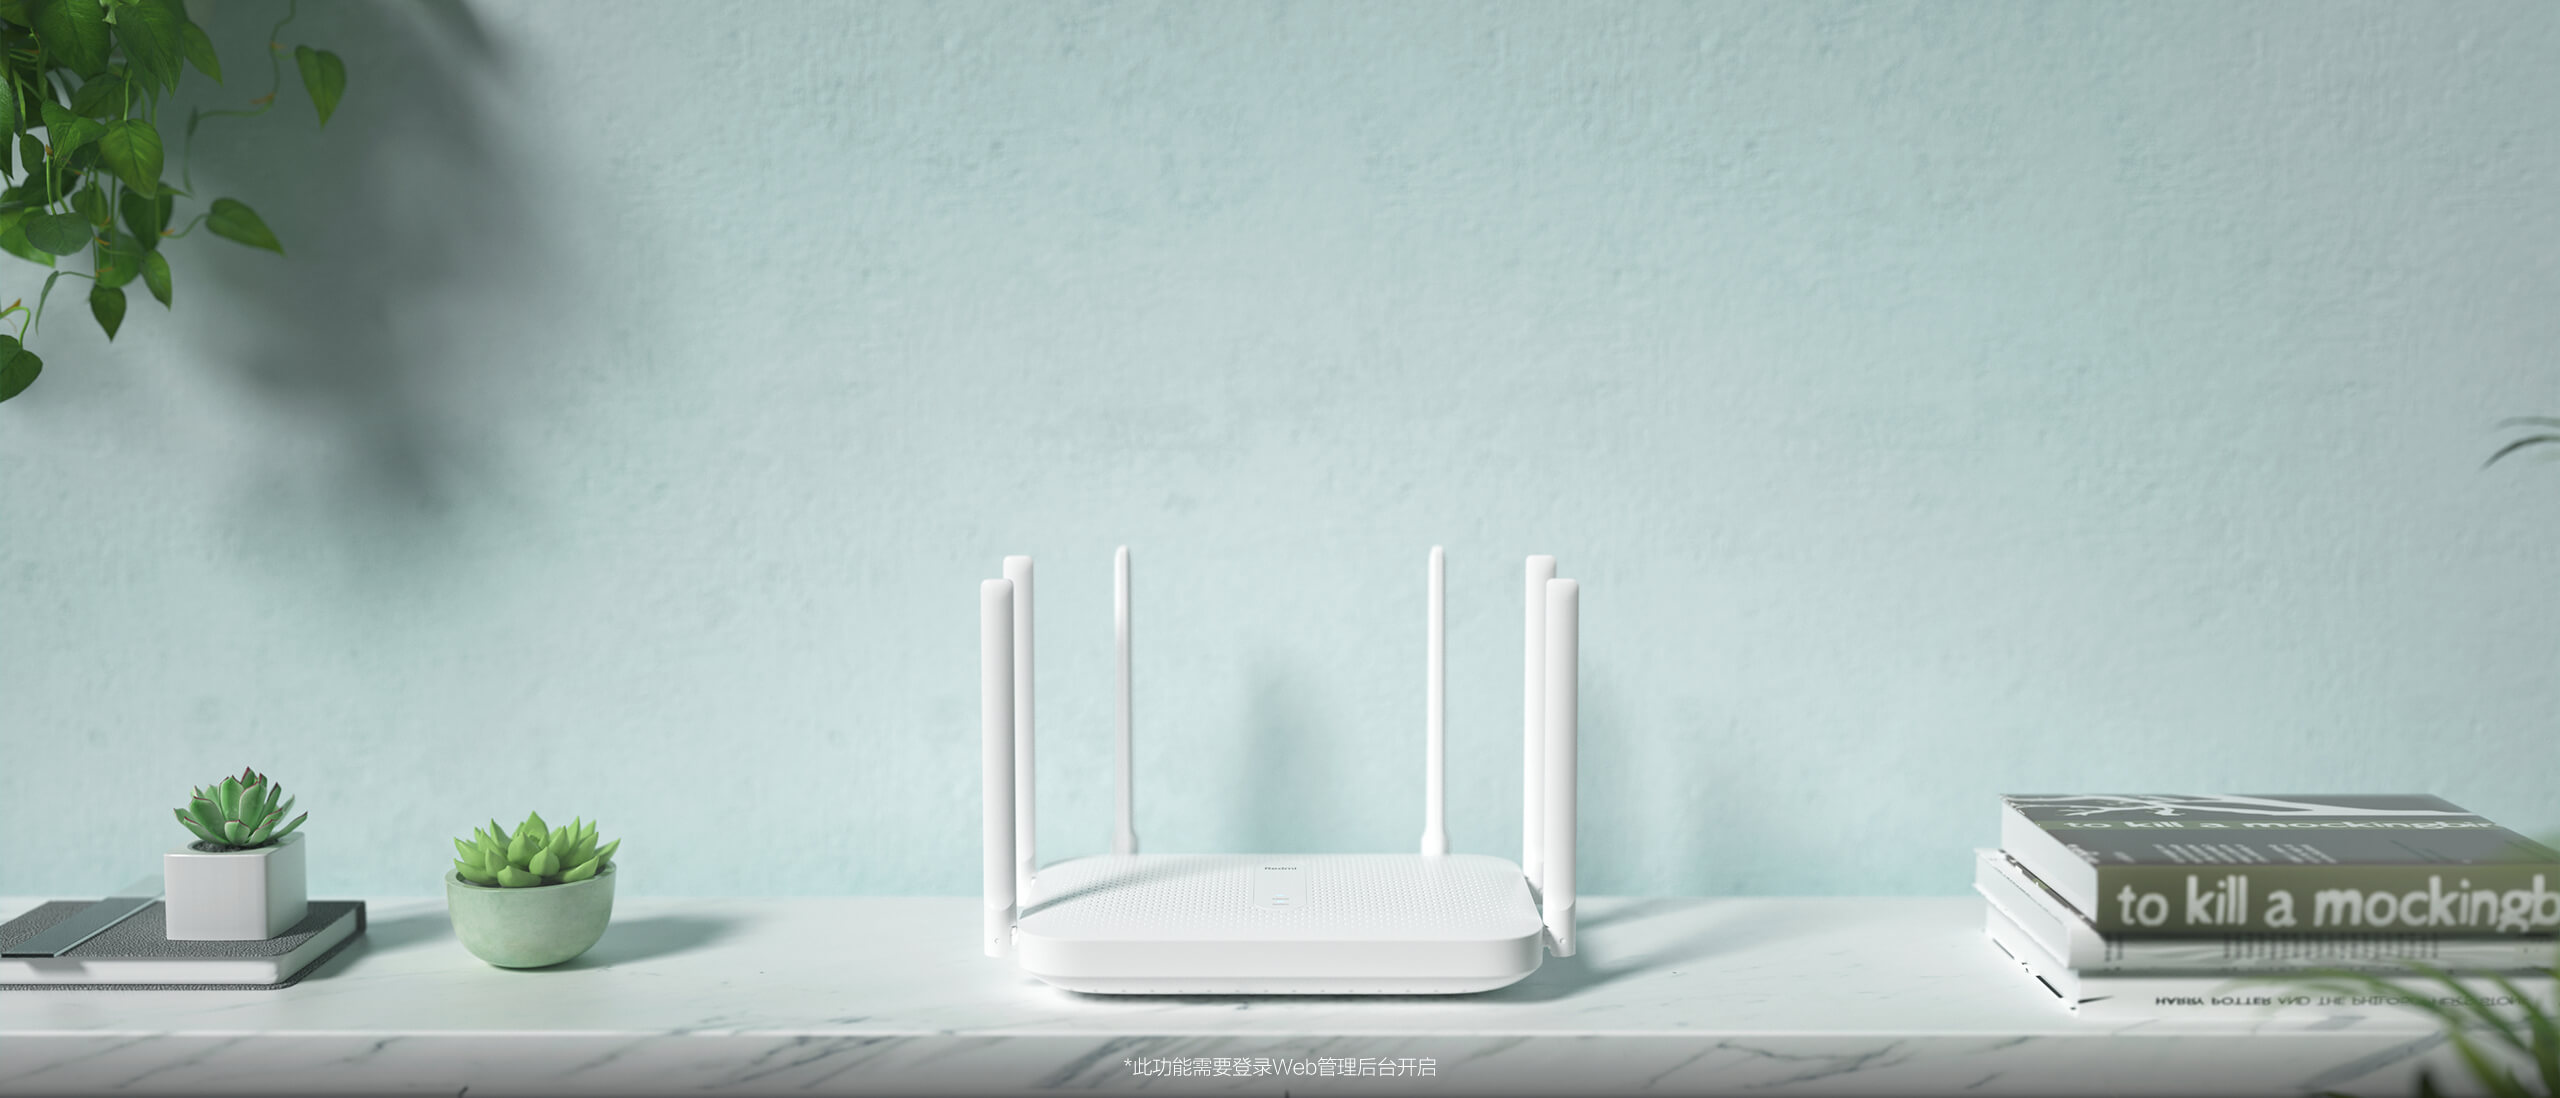 le routeur xiaomi redmi ac2100 dual band